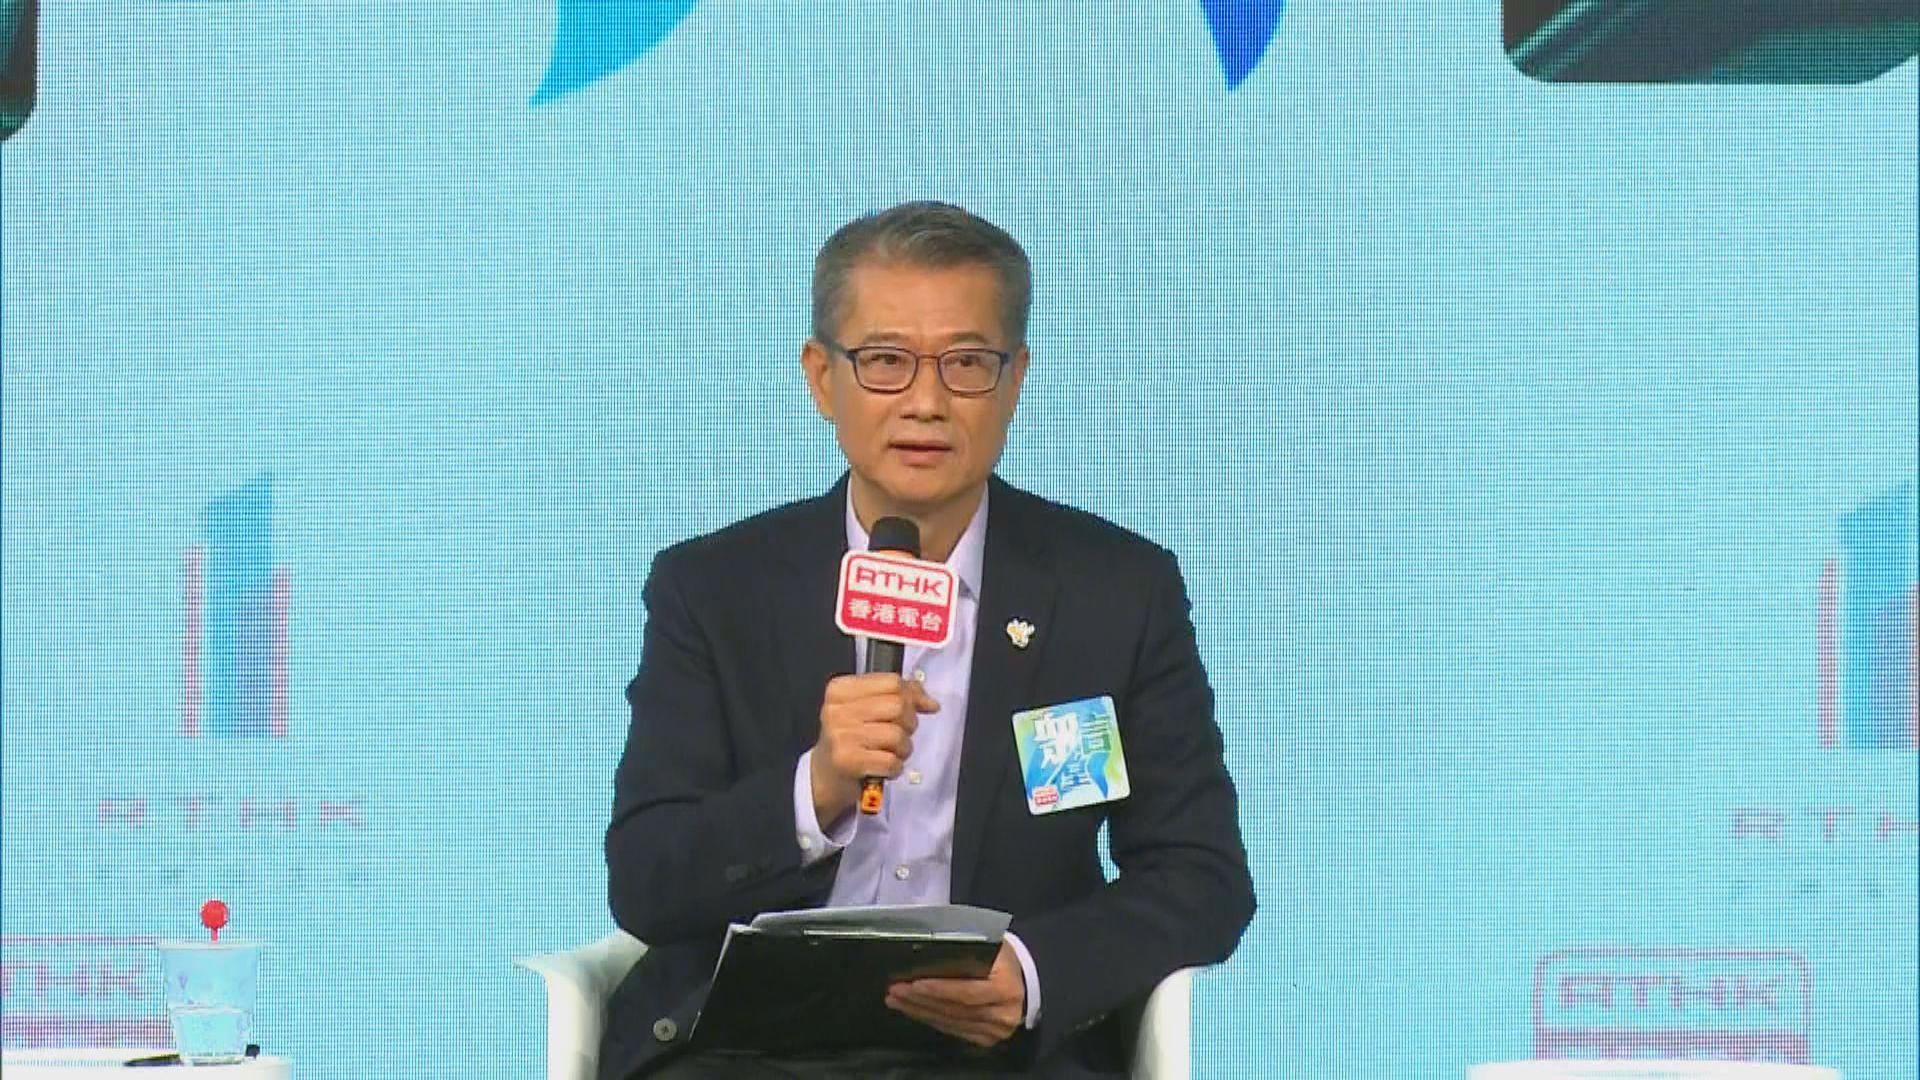 陳茂波:要審慎考慮全民派錢或消費券